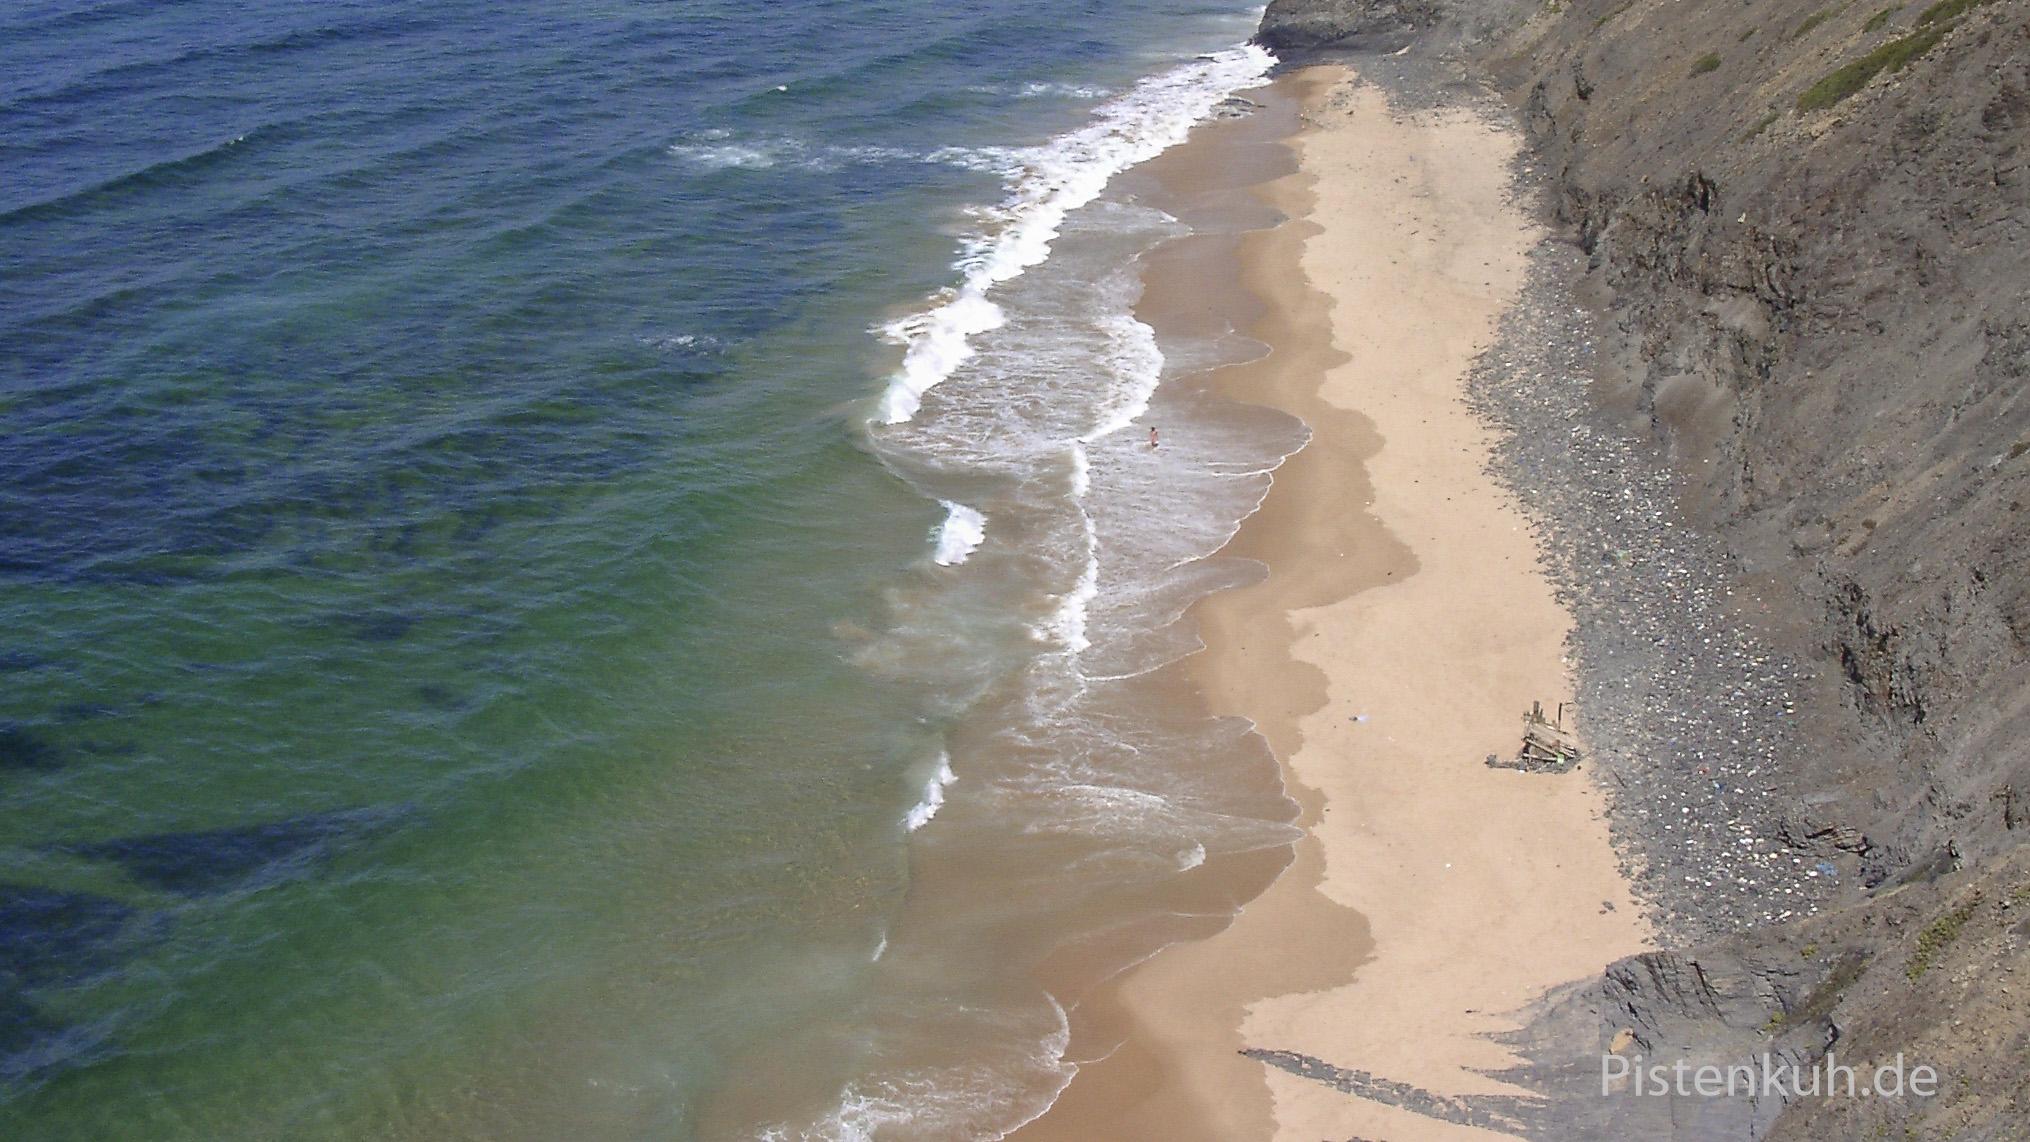 Einsame Strände in Portugal findet man leicht